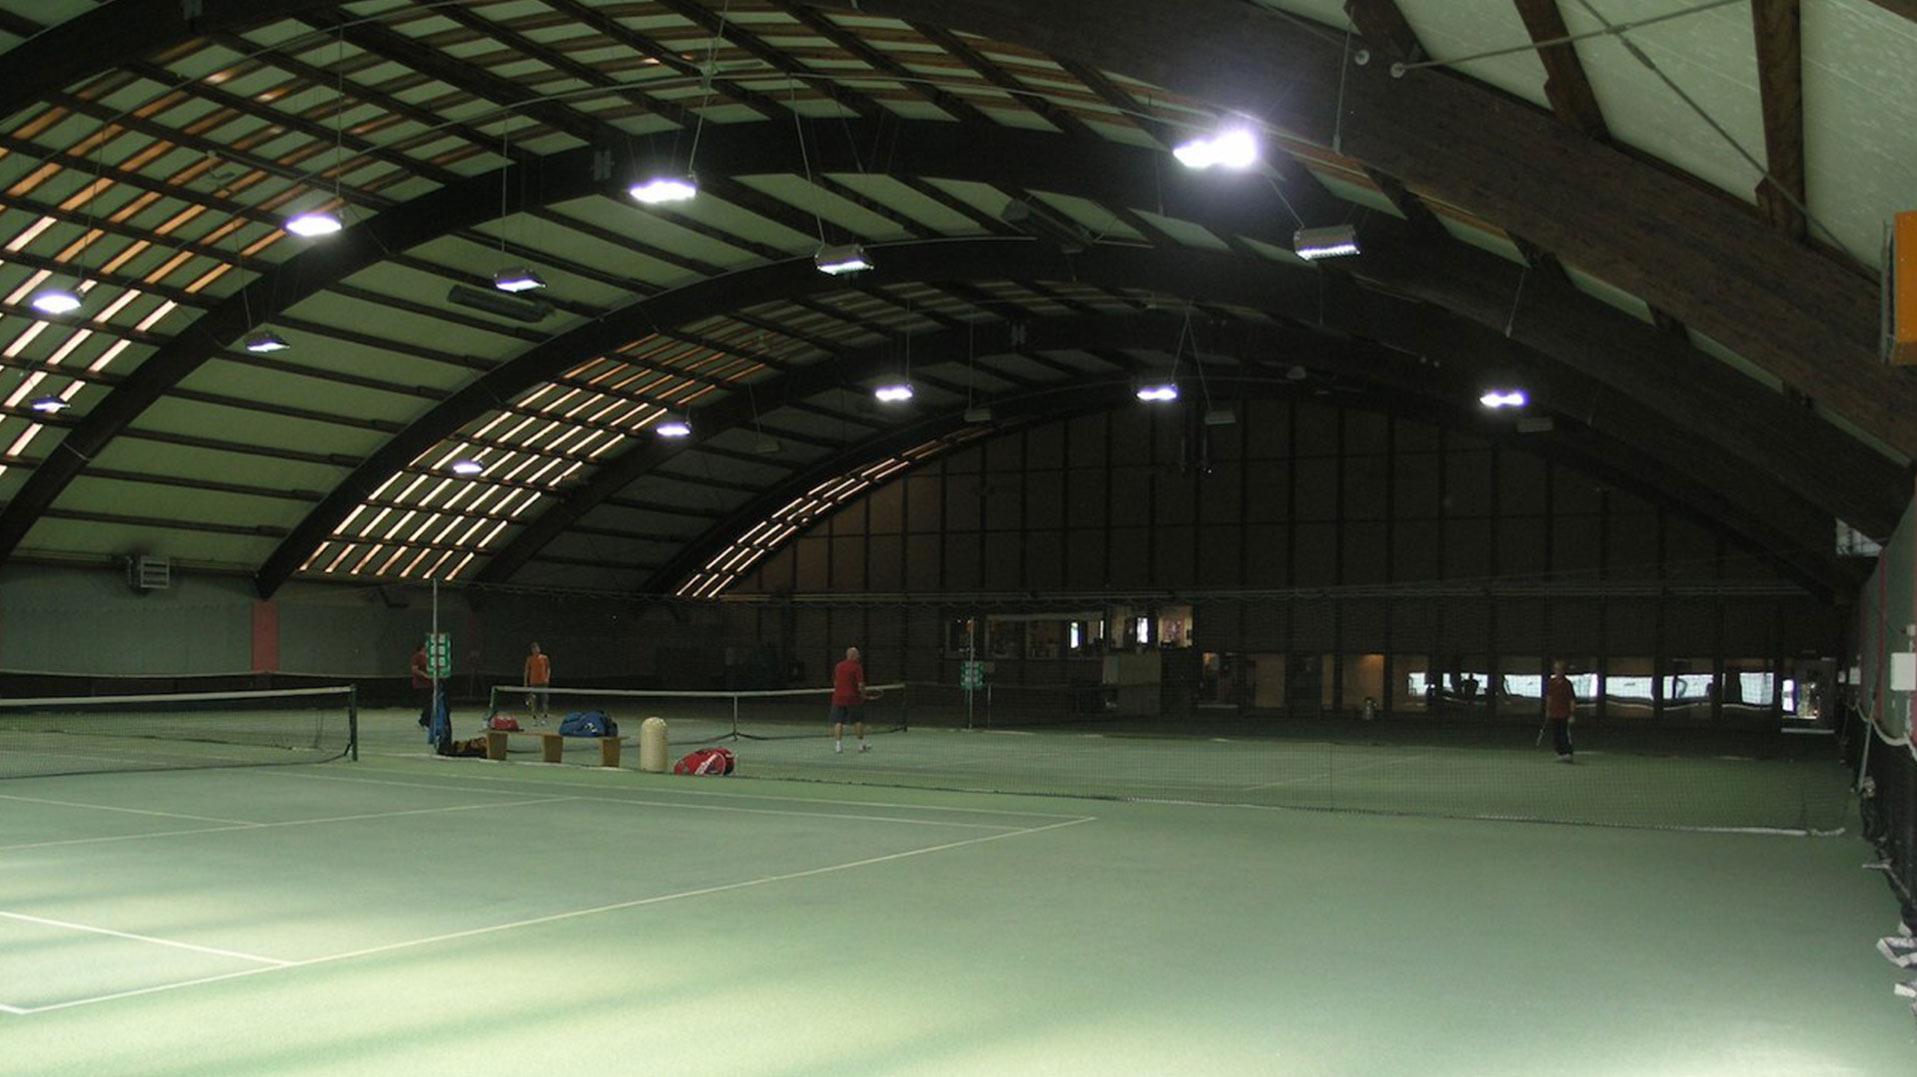 Die 3-Feld Tennishalle des UTHC mit neuester LED-Beleuchtung und Knie schonendem Belag.